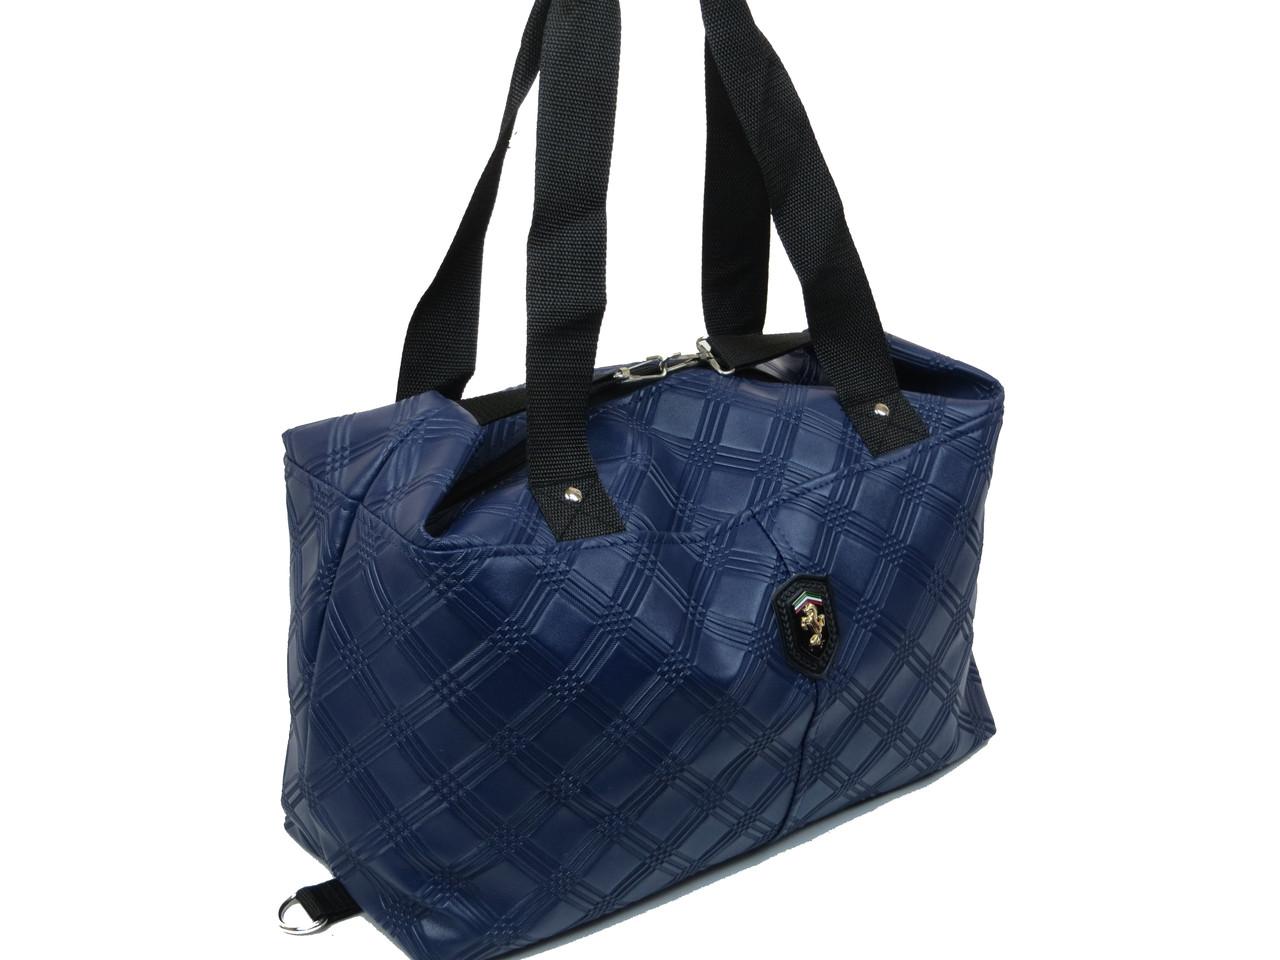 Жіноча сумка з еко шкіри Wallaby 57157 синій